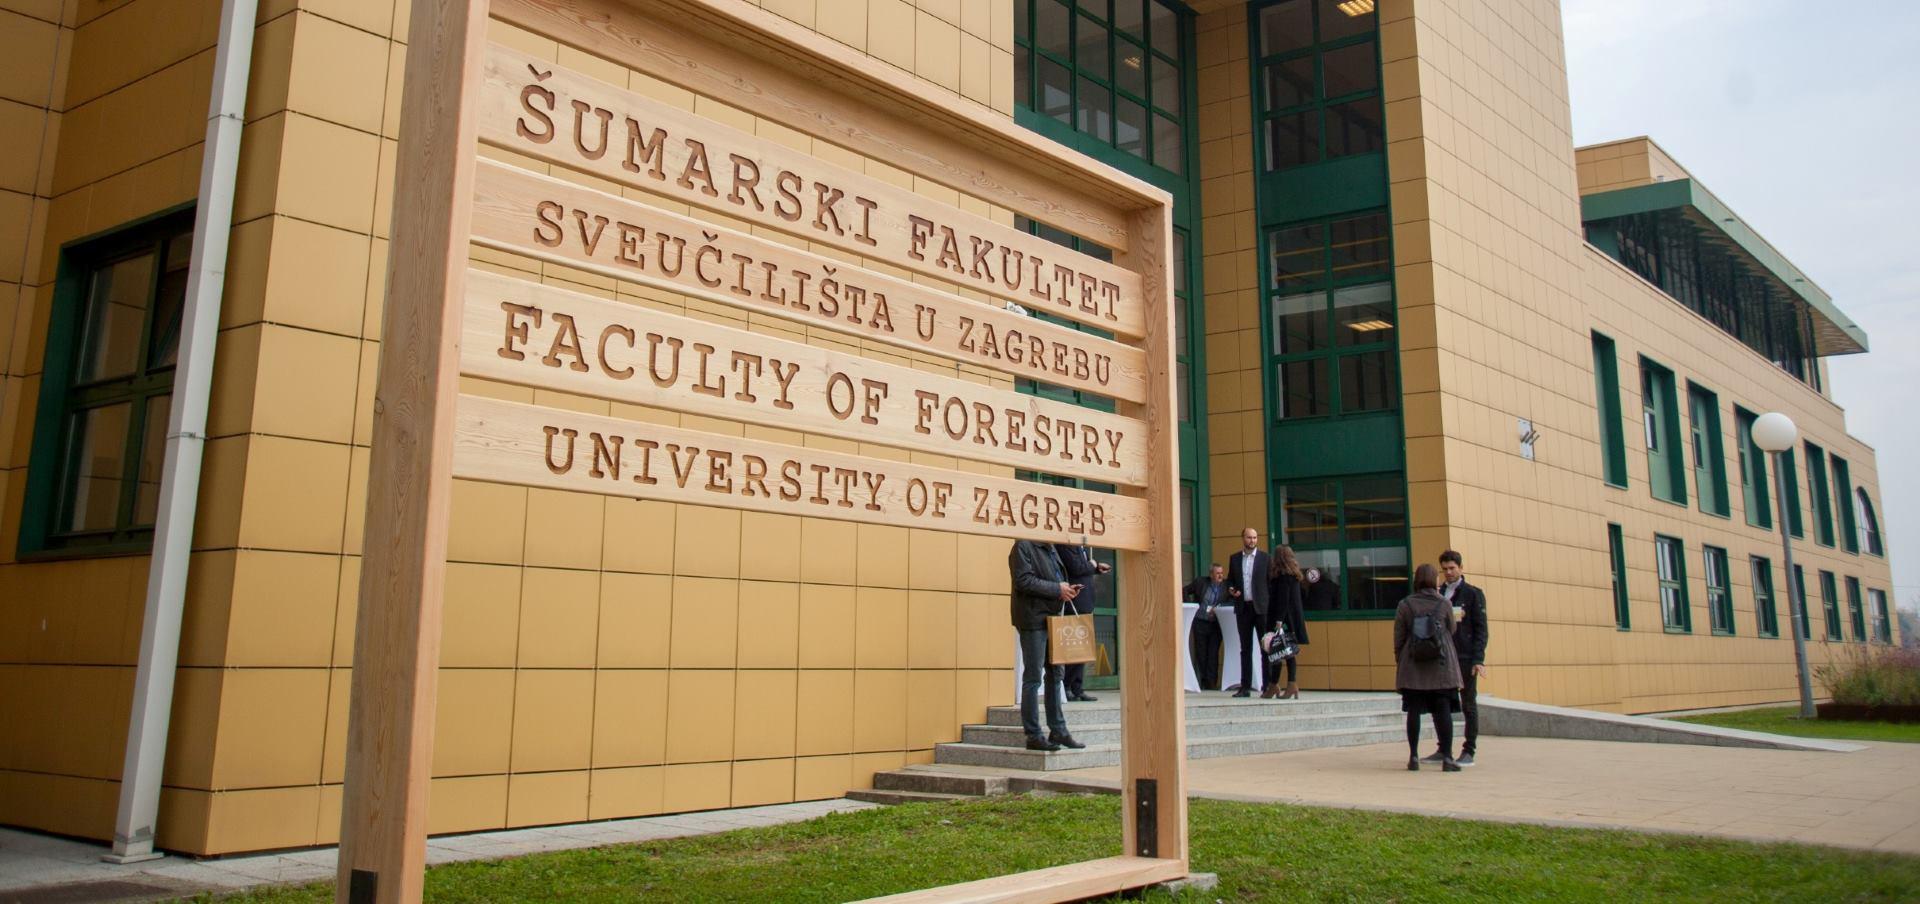 FOTO: Šumarski fakultet proslavio 120. obljetnicu utemeljenja